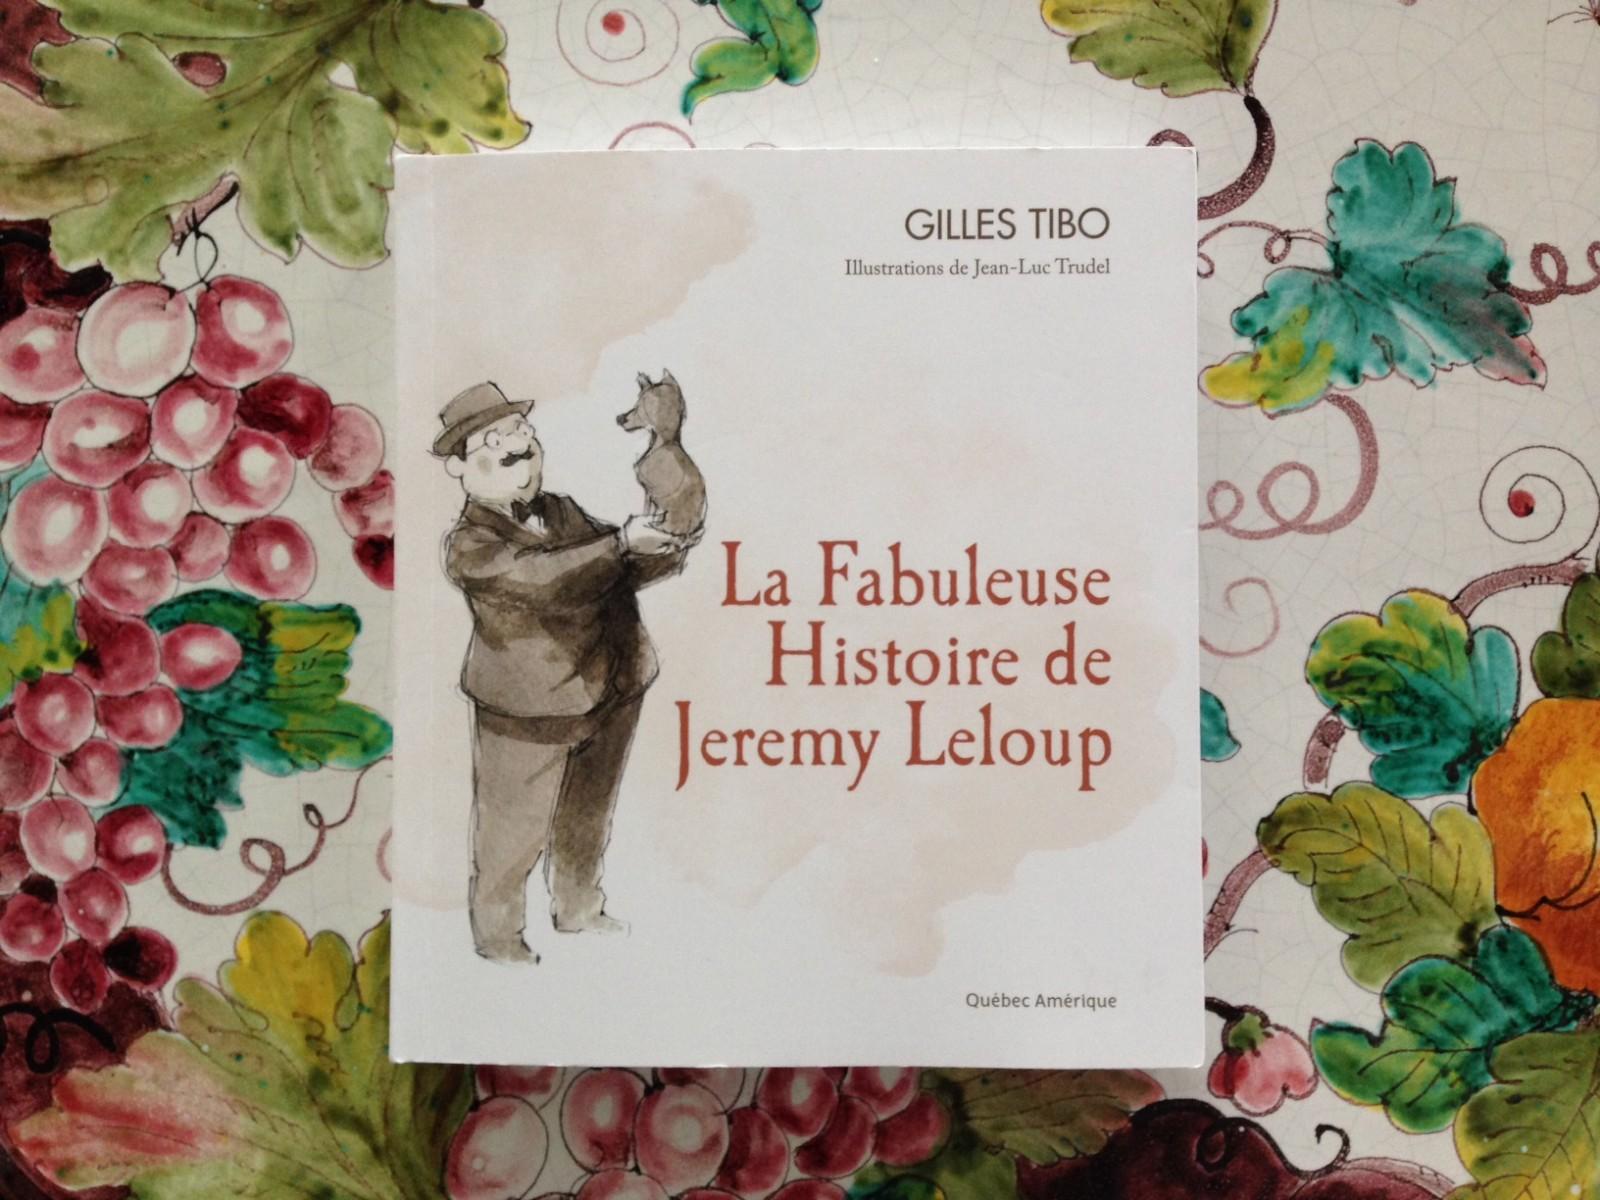 La fabuleuse histoire de Jérémy Leloup